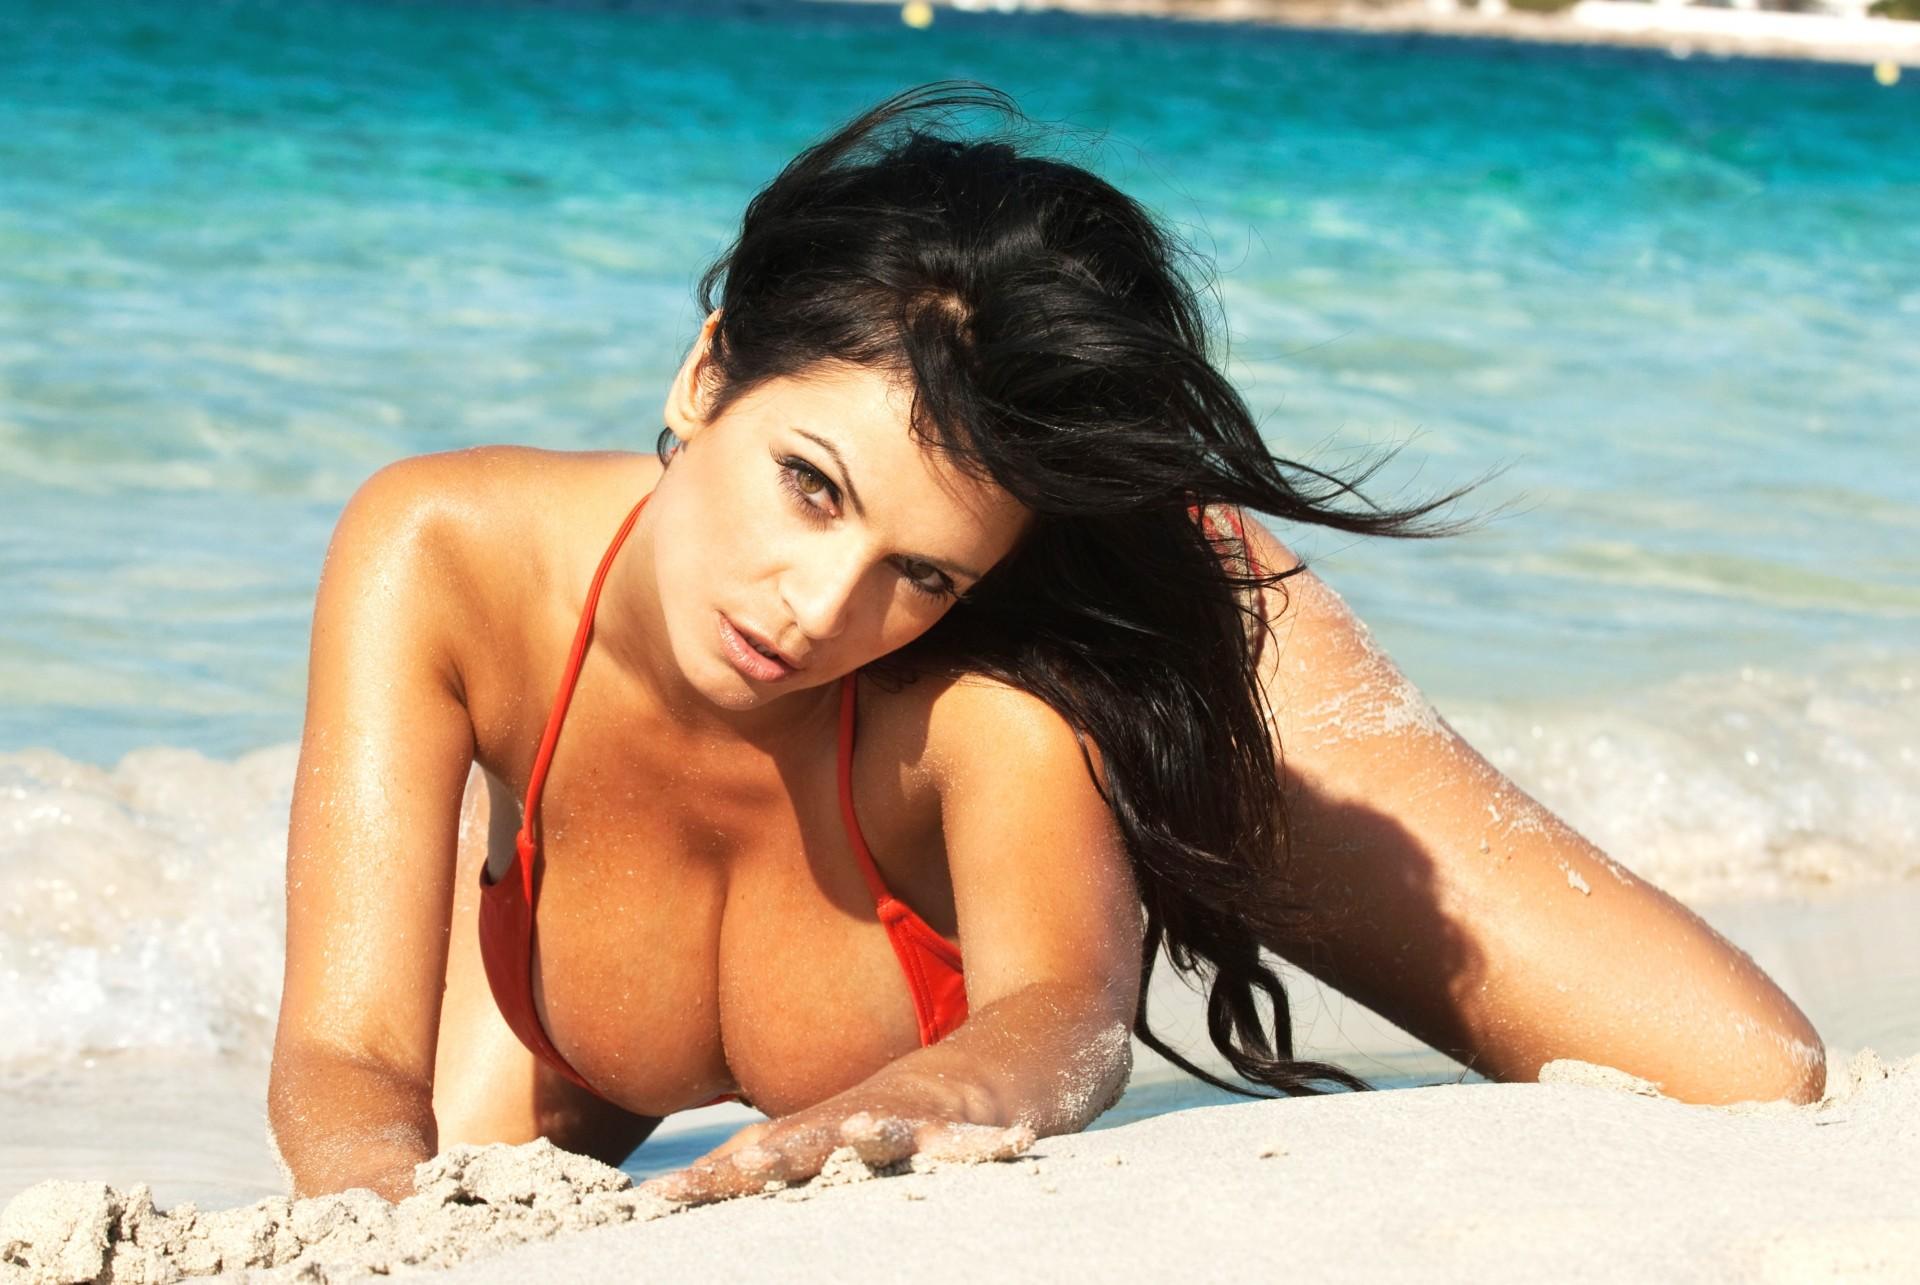 Фото девушка брюнетка на пляже в красивом купальнике, Без купальника девушки и женщины - красивые 25 фотография